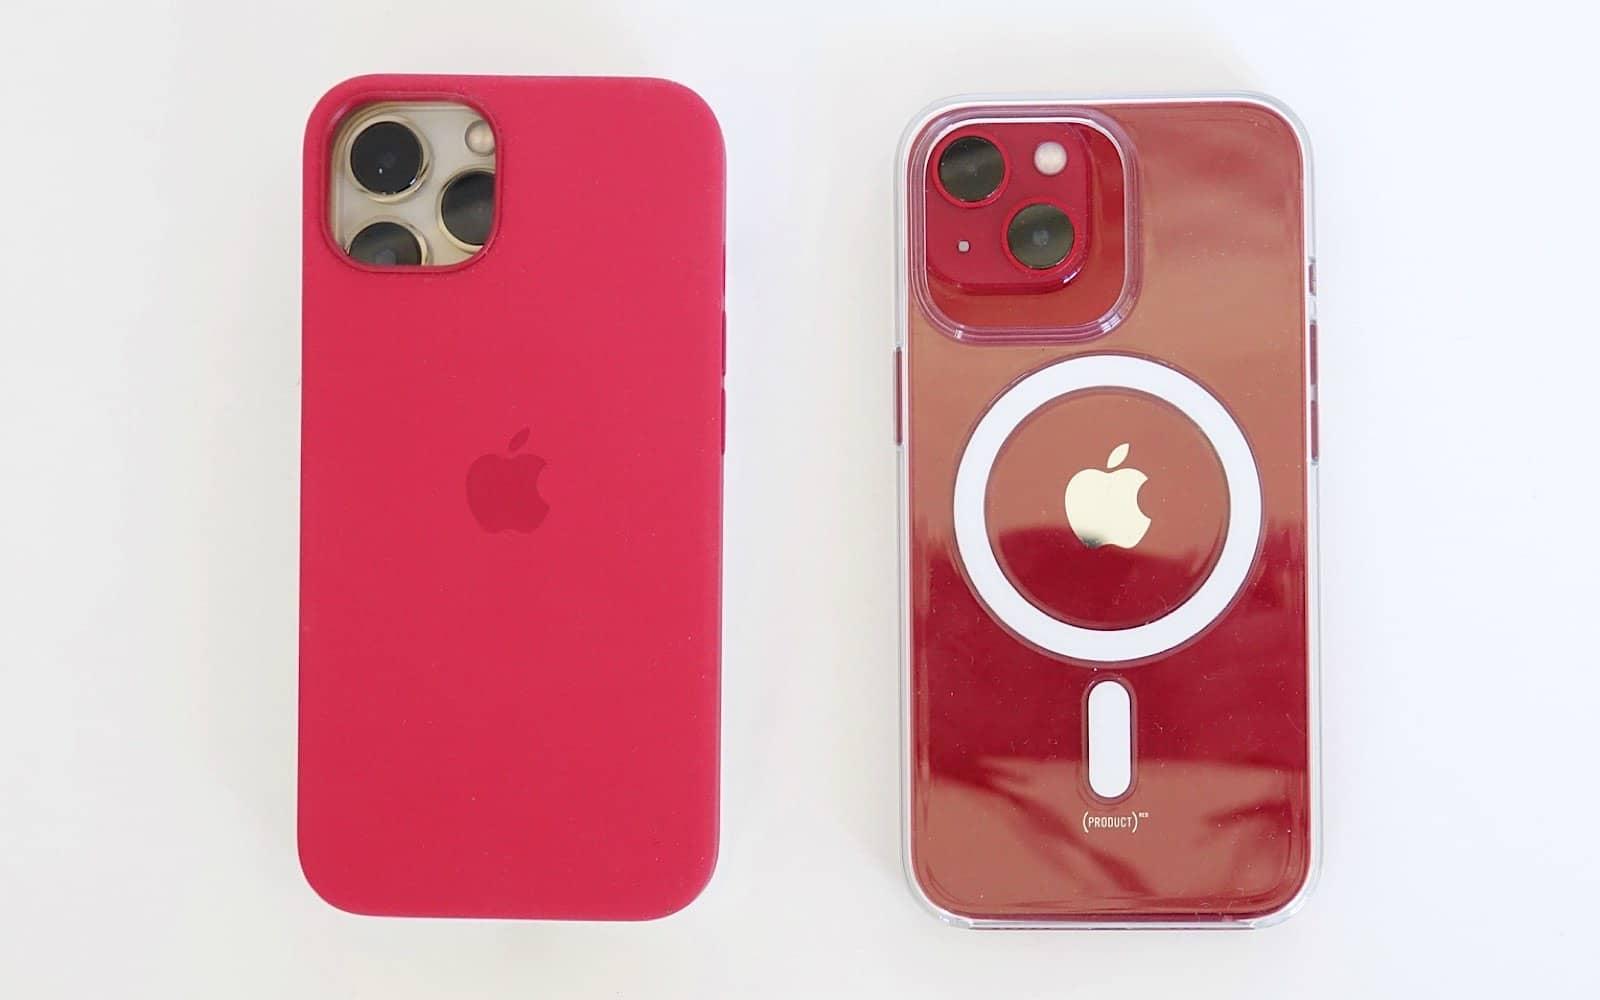 L'iPhone 13 Pro non si adatta alla custodia dell'iPhone 13 (a sinistra), ma l'iPhone 13 si adatta alla custodia dell'iPhone 13 Pro (a destra).